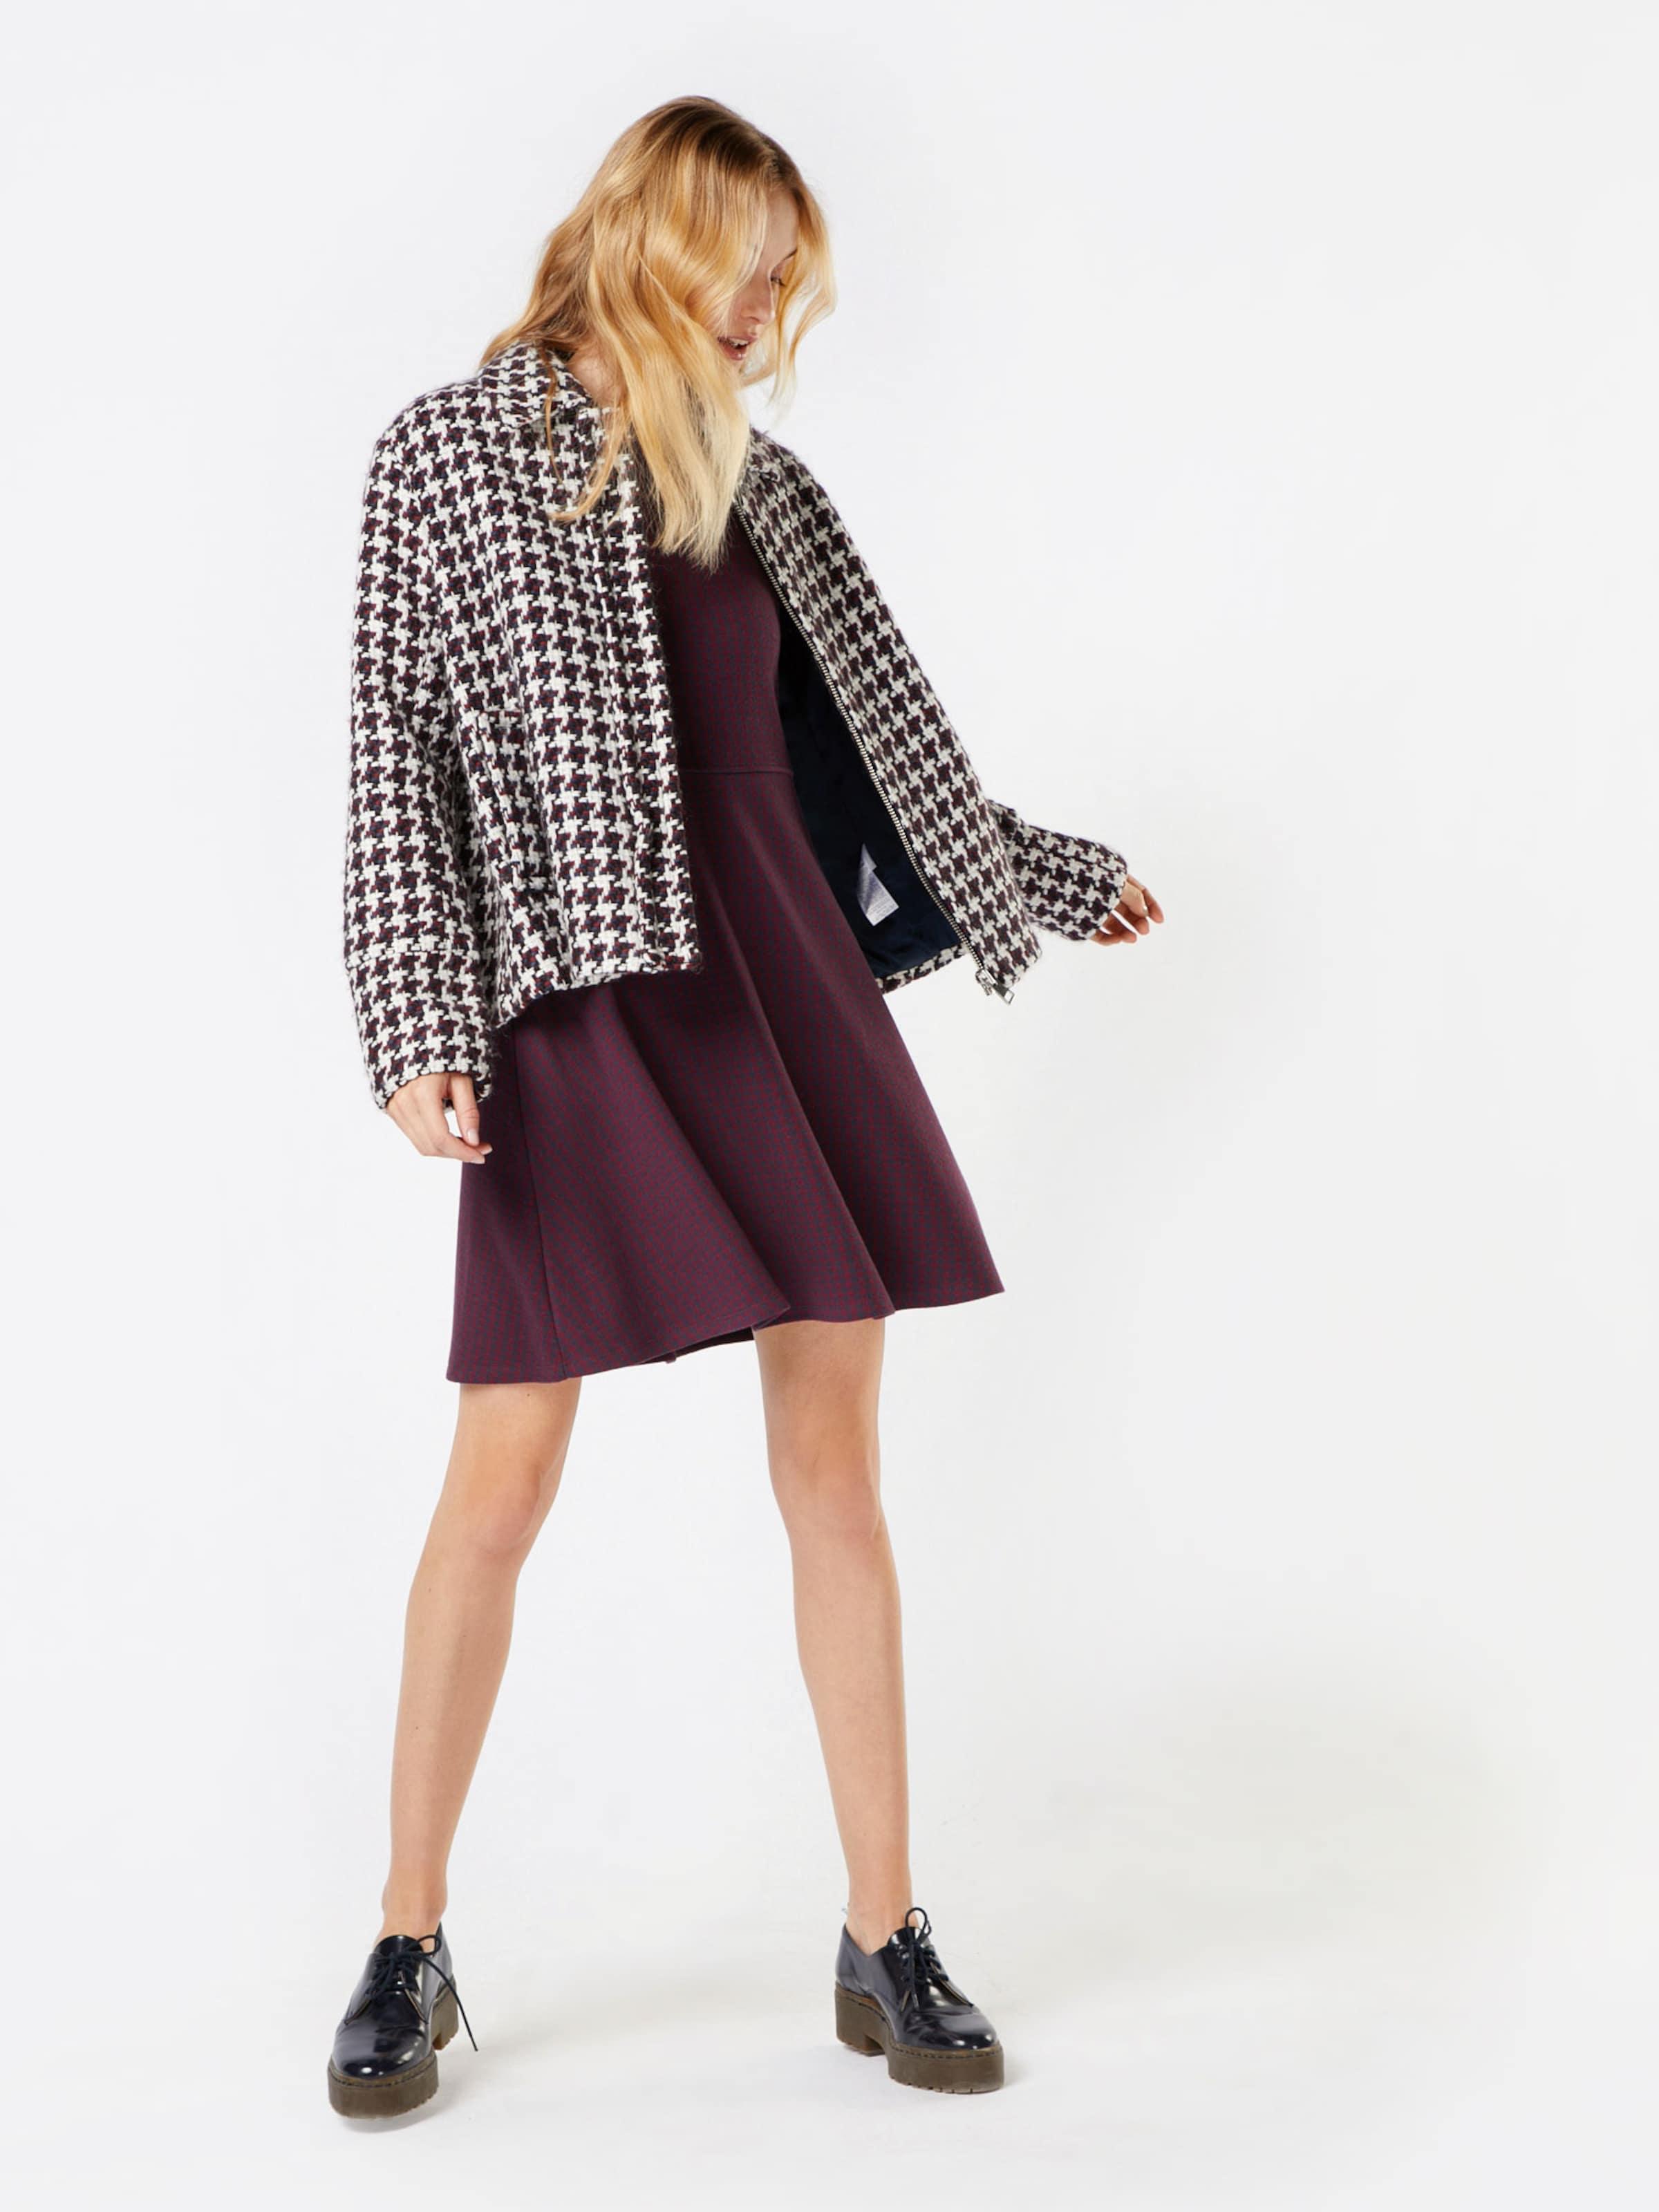 STREET ONE Kleid 100% Original Online Steckdose Truhe Verkauf Für Billig HpfguOr